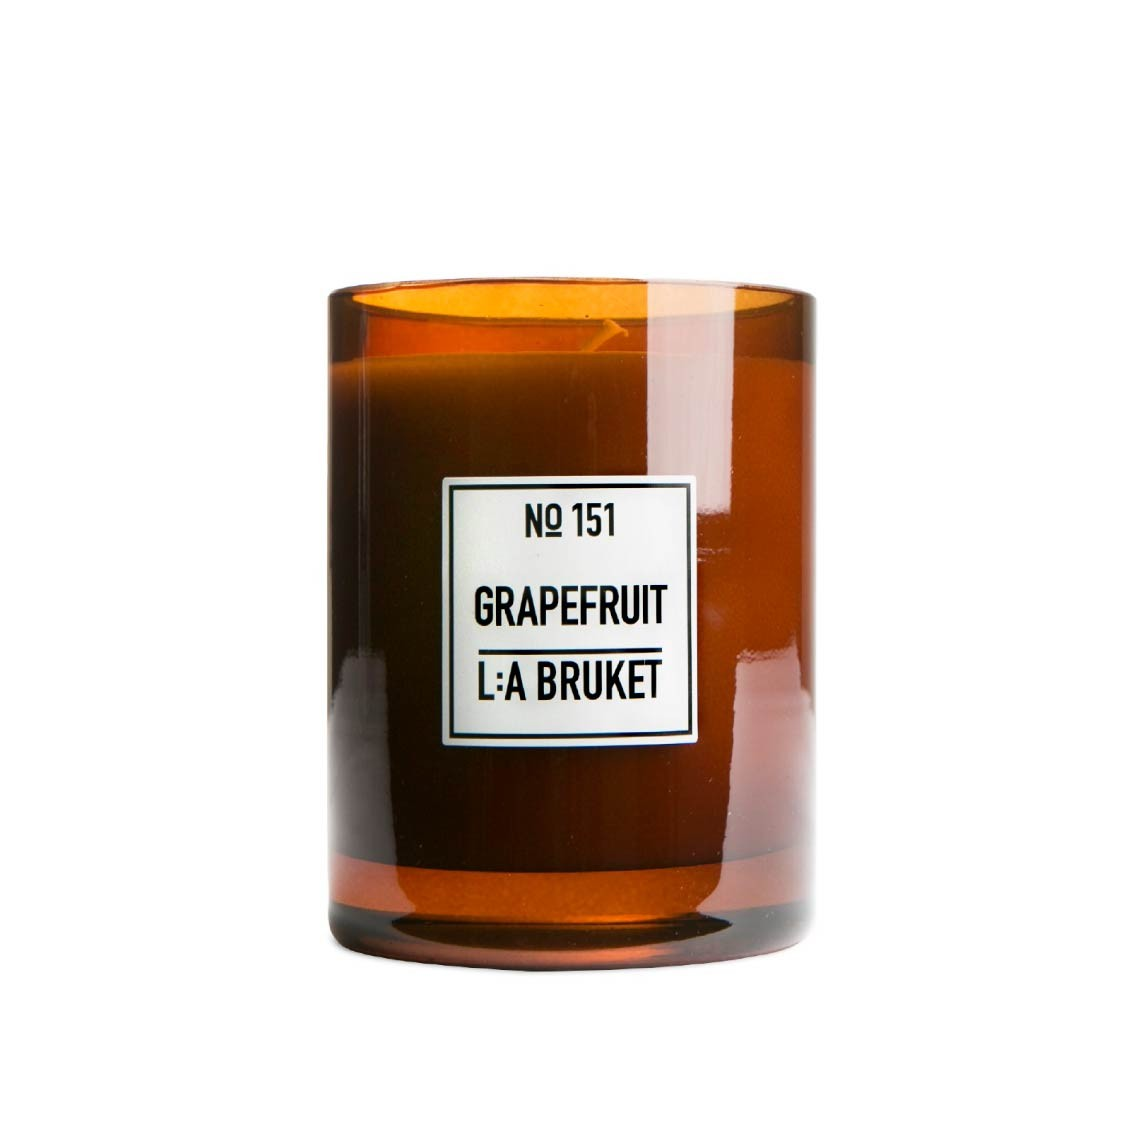 L:A BRUKET 151 葡萄柚香氛蠟燭 260g